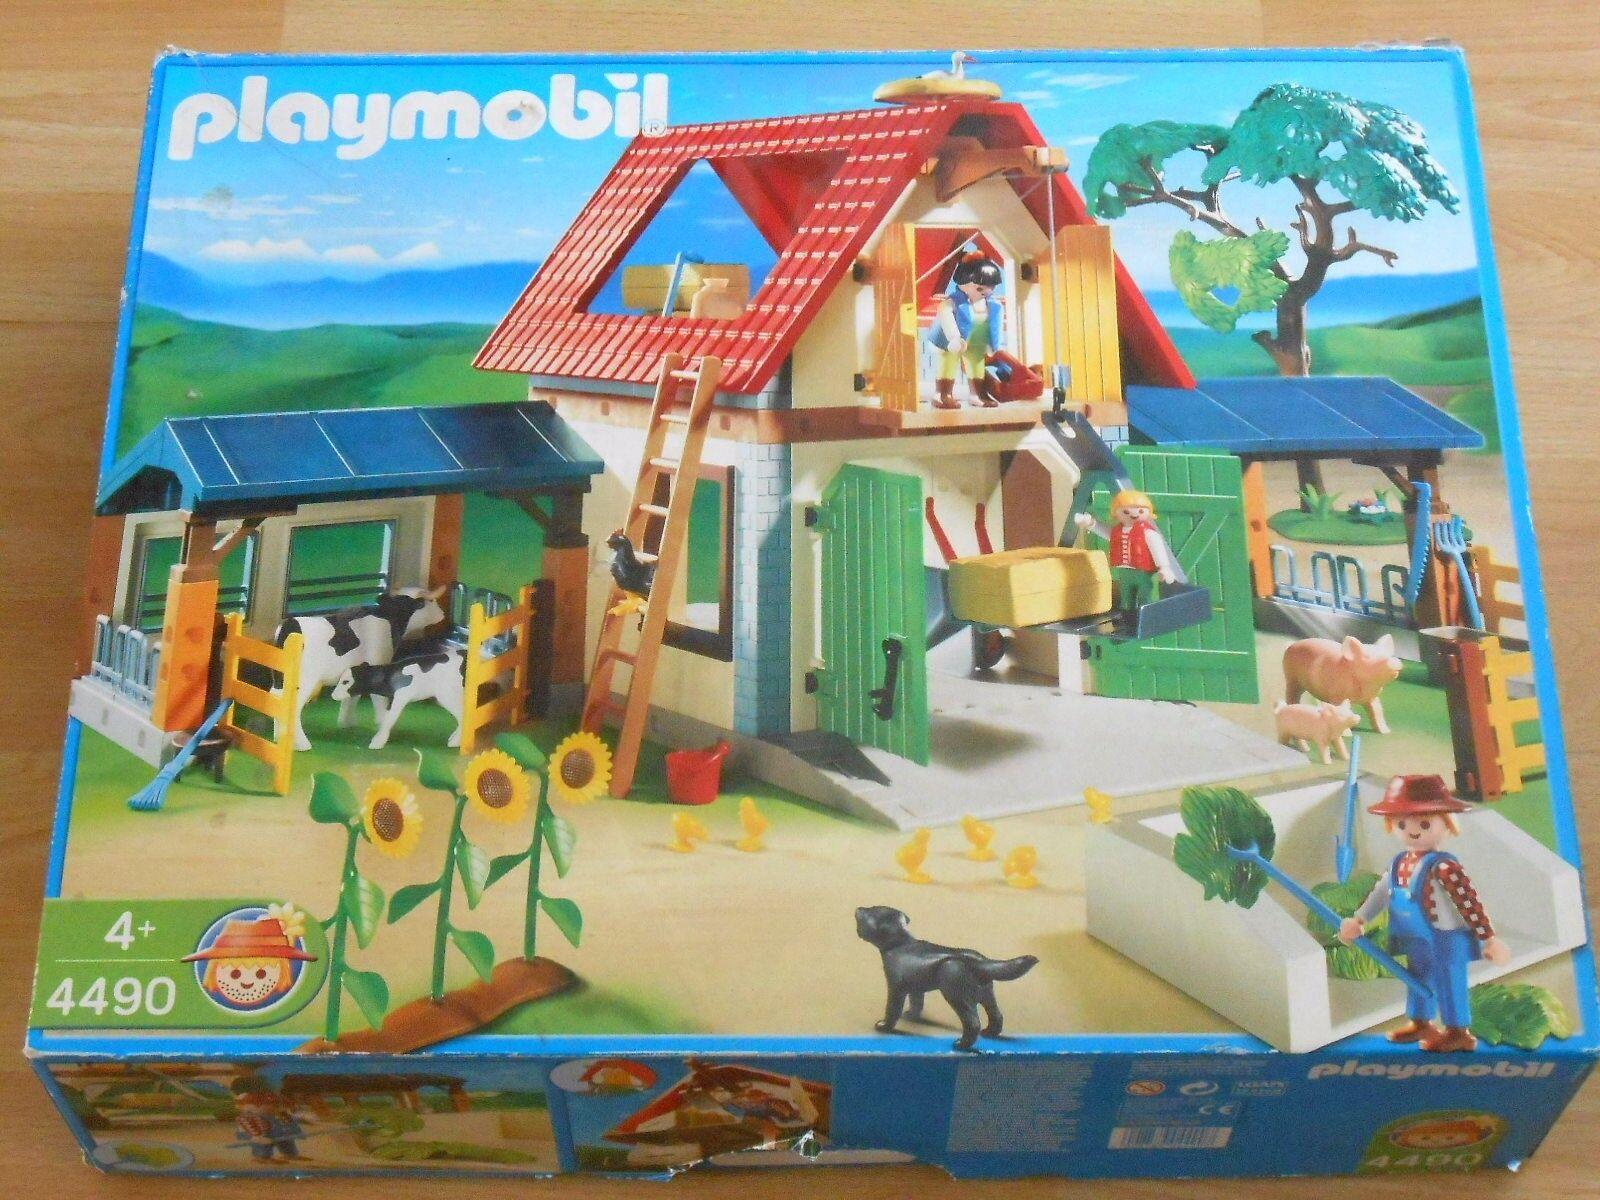 Playmobil großer Bauernhof Bauernhof Bauernhof 4490 mit Verpackung 551aaa